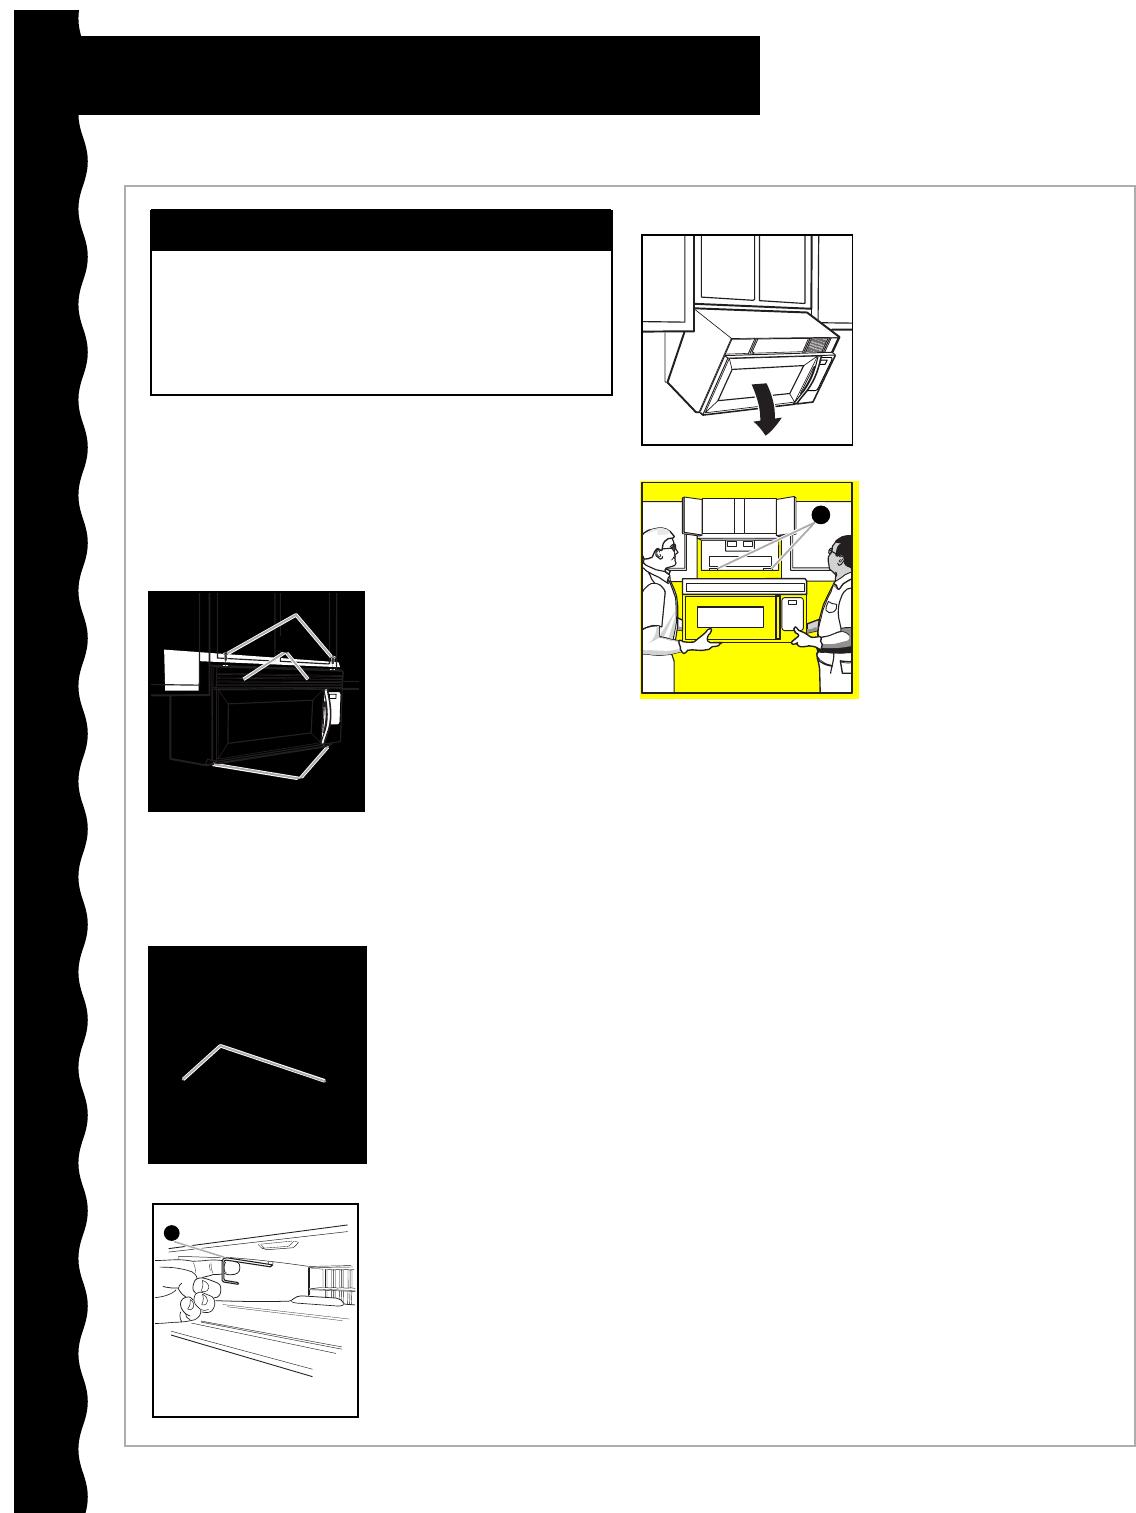 kitchenaid superba oven repair kitchenaid oven repair deptis com Amana Refrigerator Schematic Diagram at Kitchenaid Refrigerator Ksrs25ftbl02 Wiring Diagram